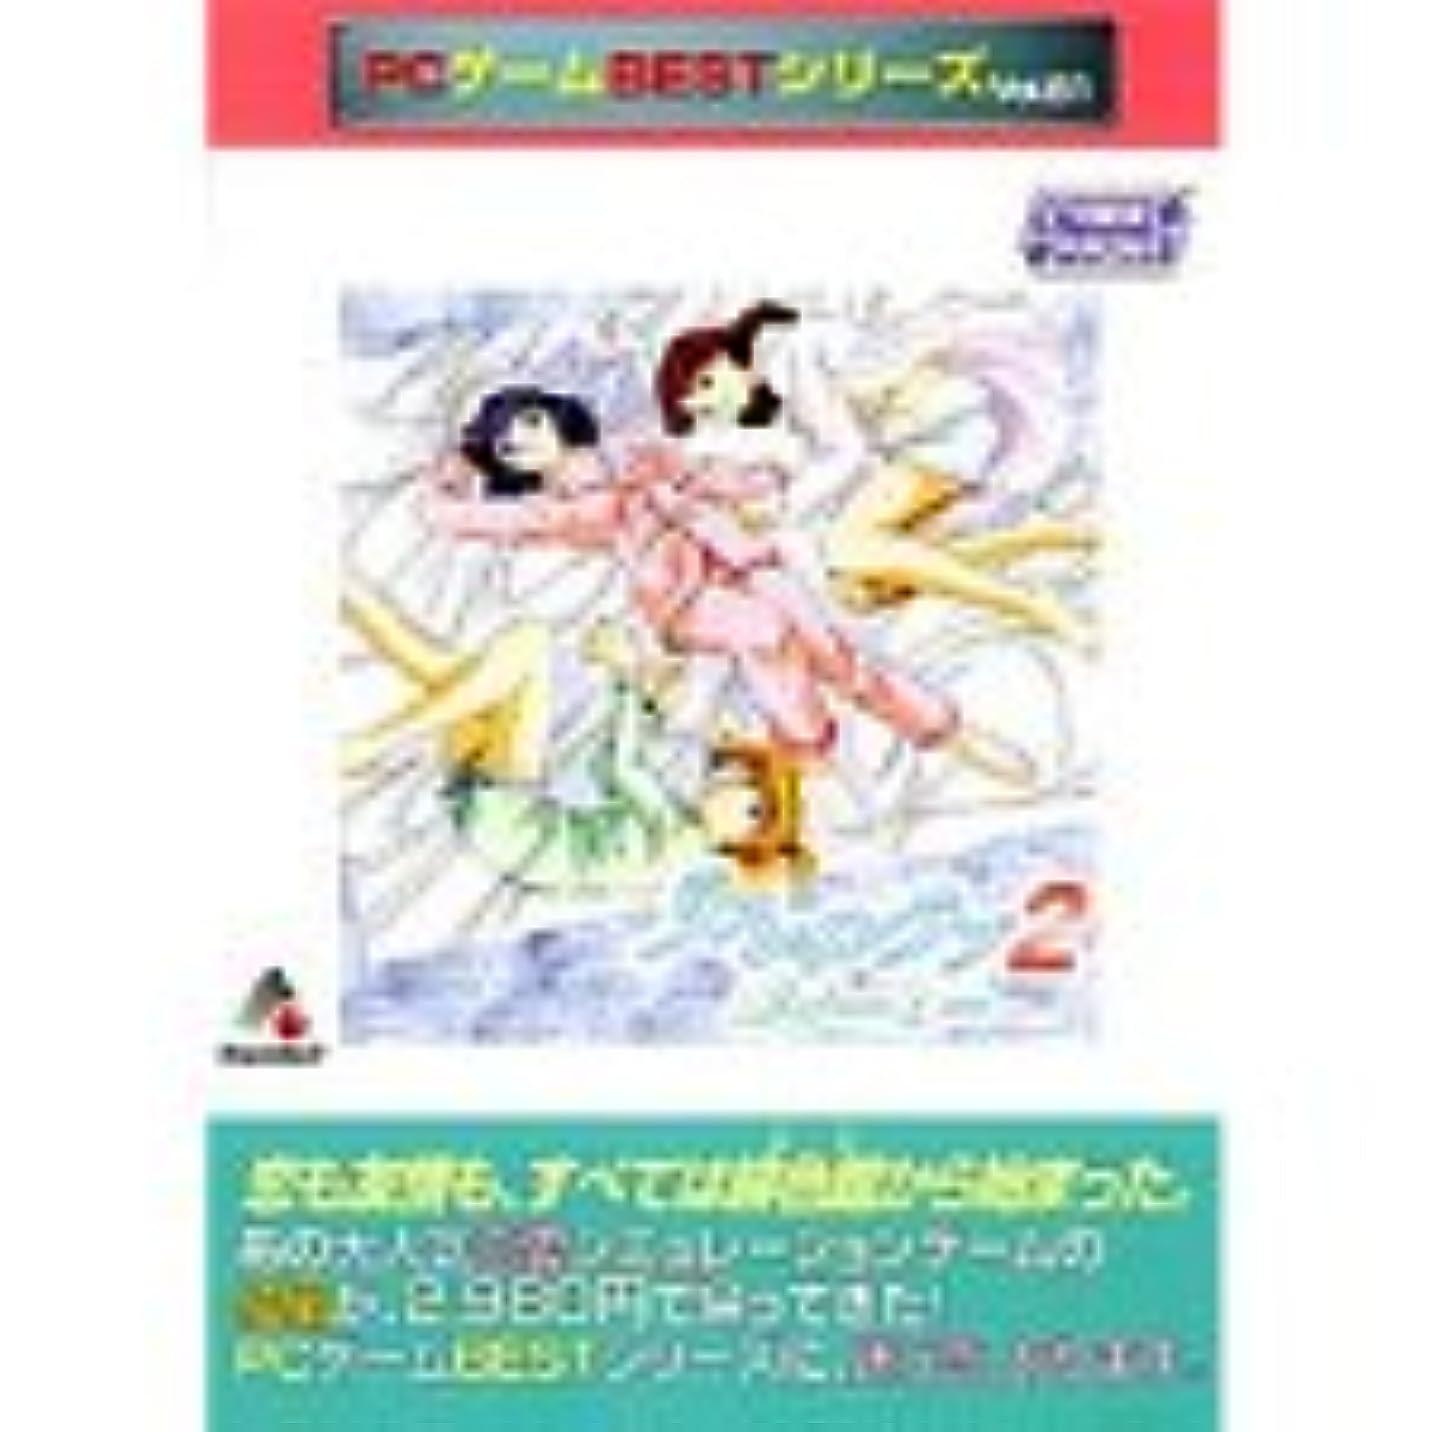 同封する悲鳴スワップPCゲームBestシリーズ Vol.61 リフレインラブ 2